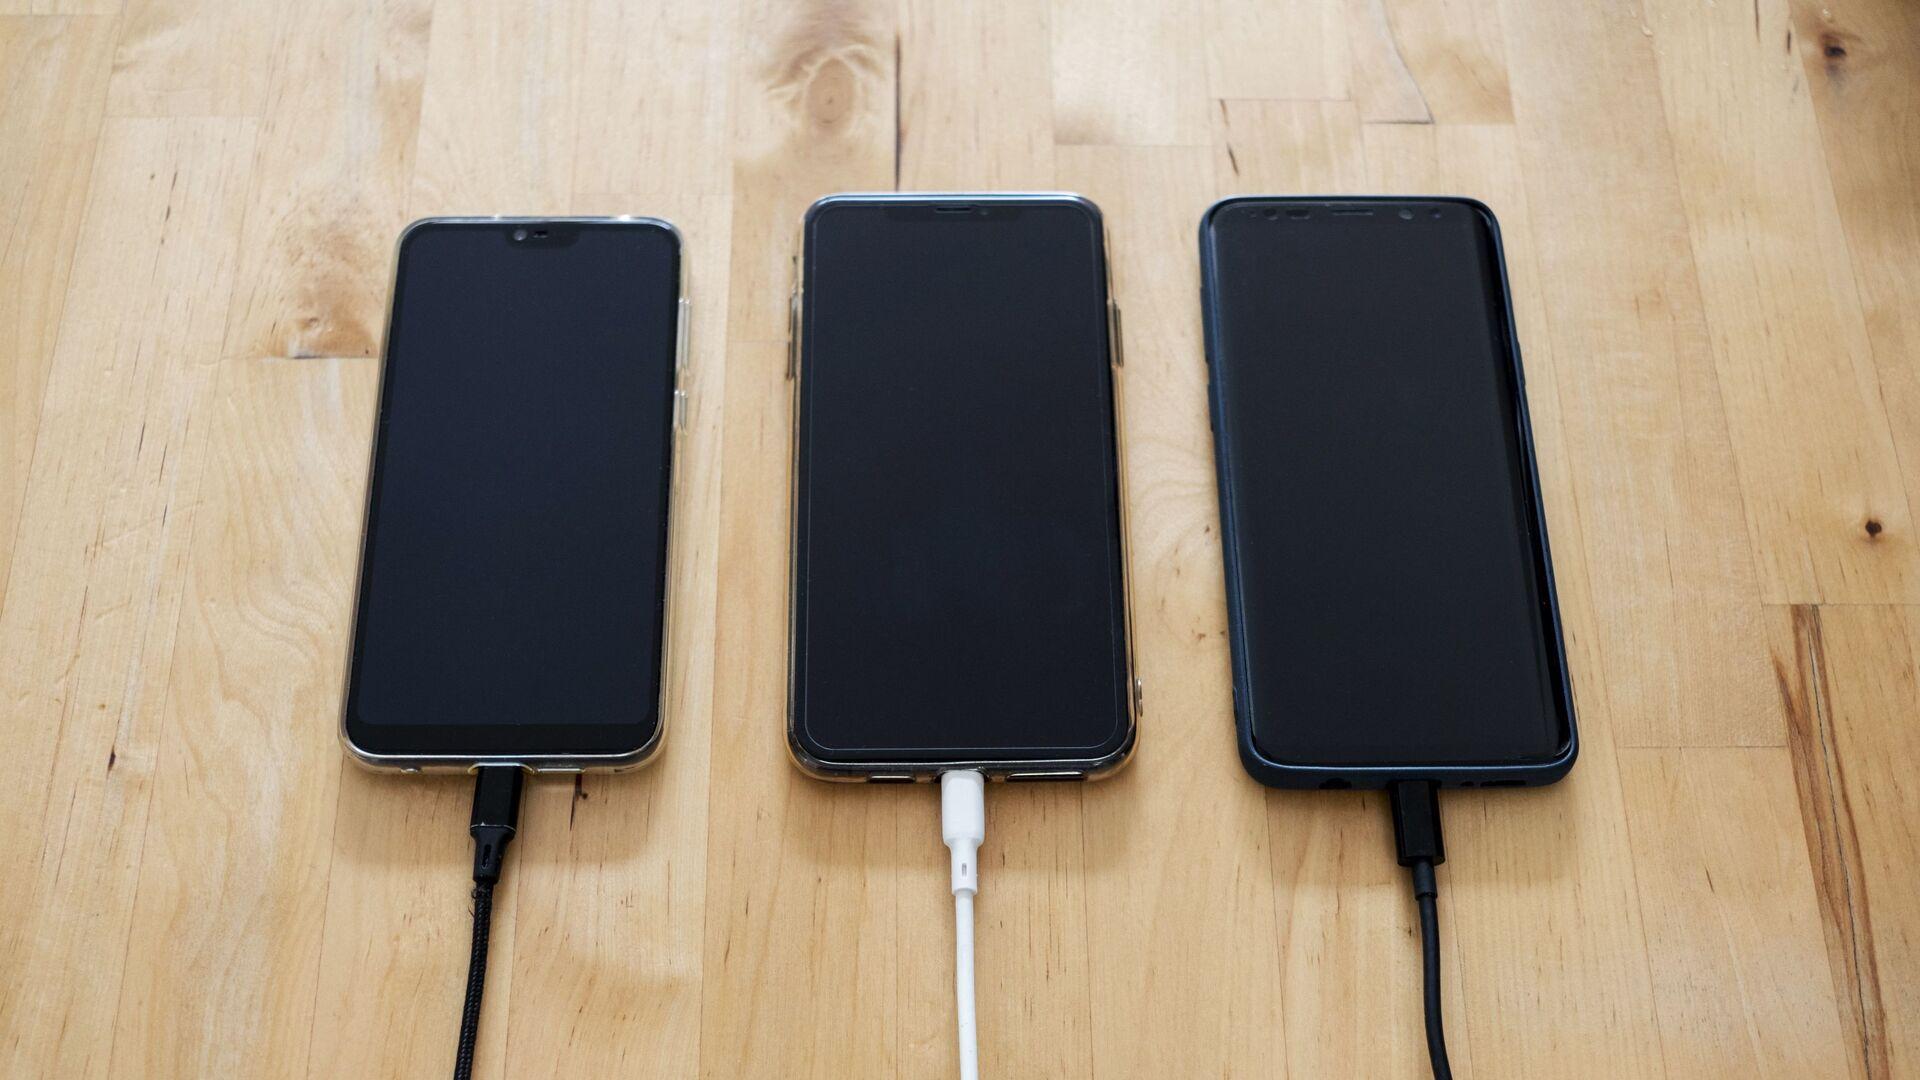 Tres 'smartphones' reciben la carga (imagen referencial) - Sputnik Mundo, 1920, 21.08.2021